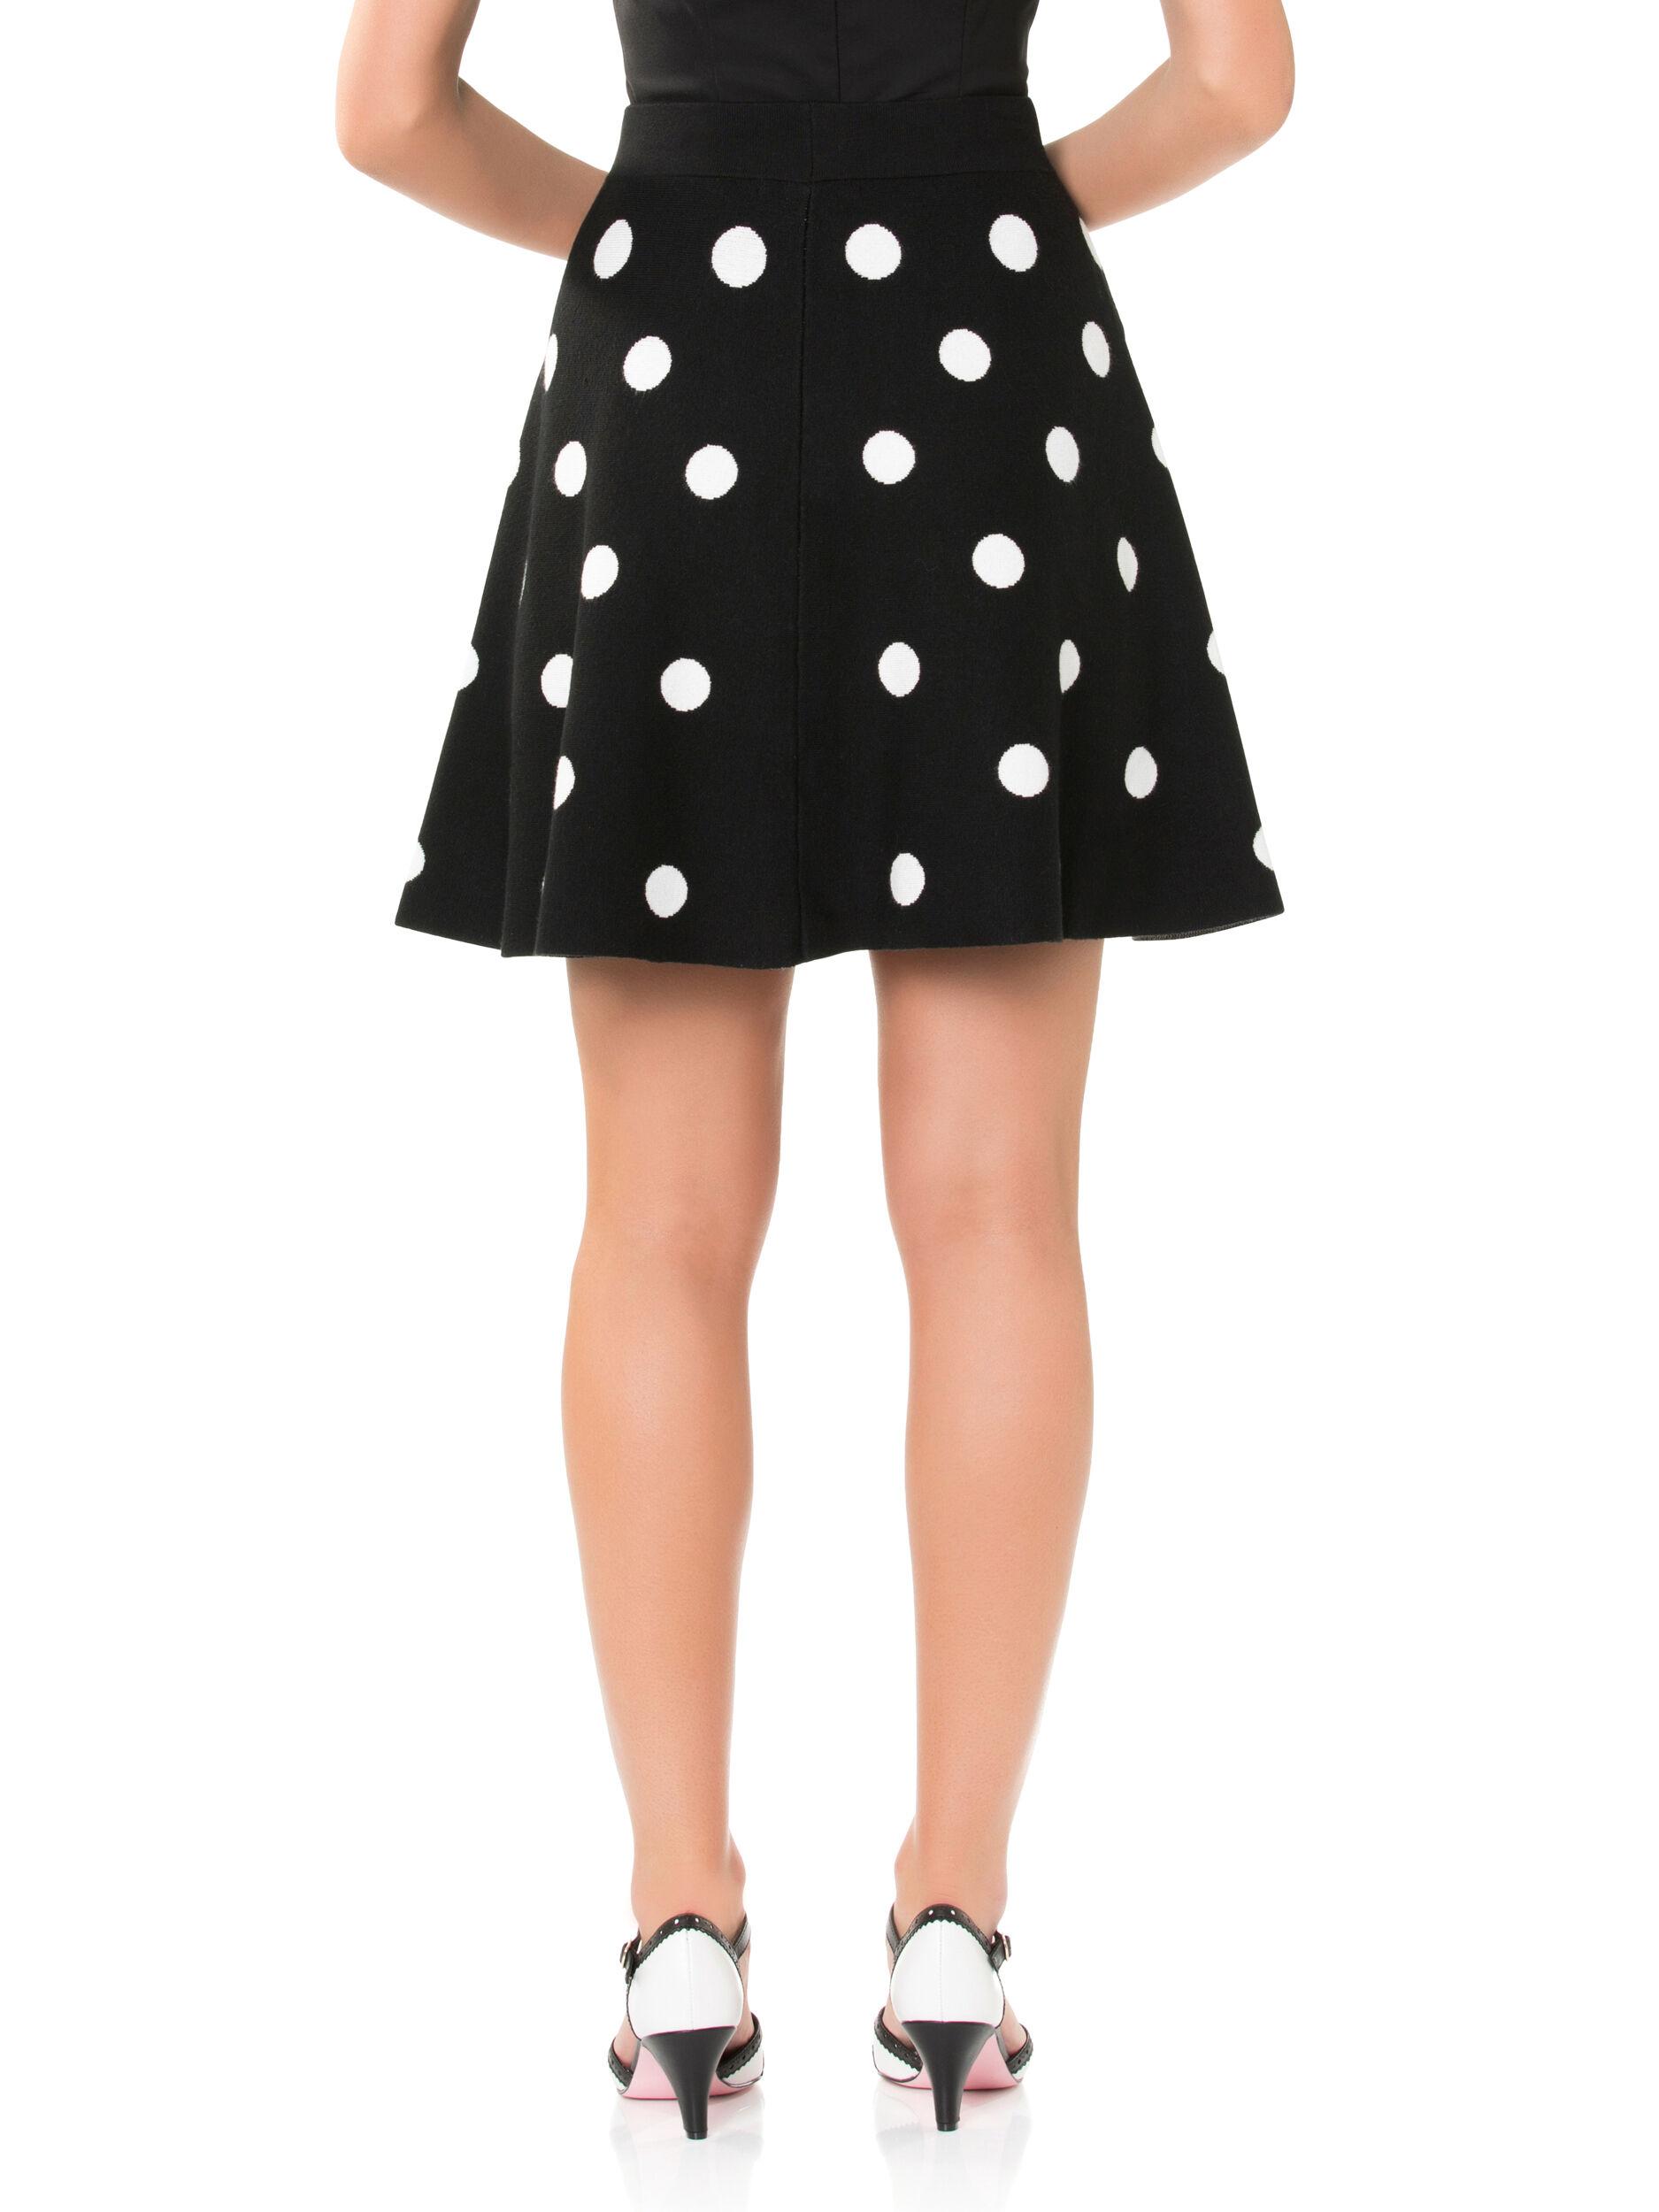 Sally Spot Skirt